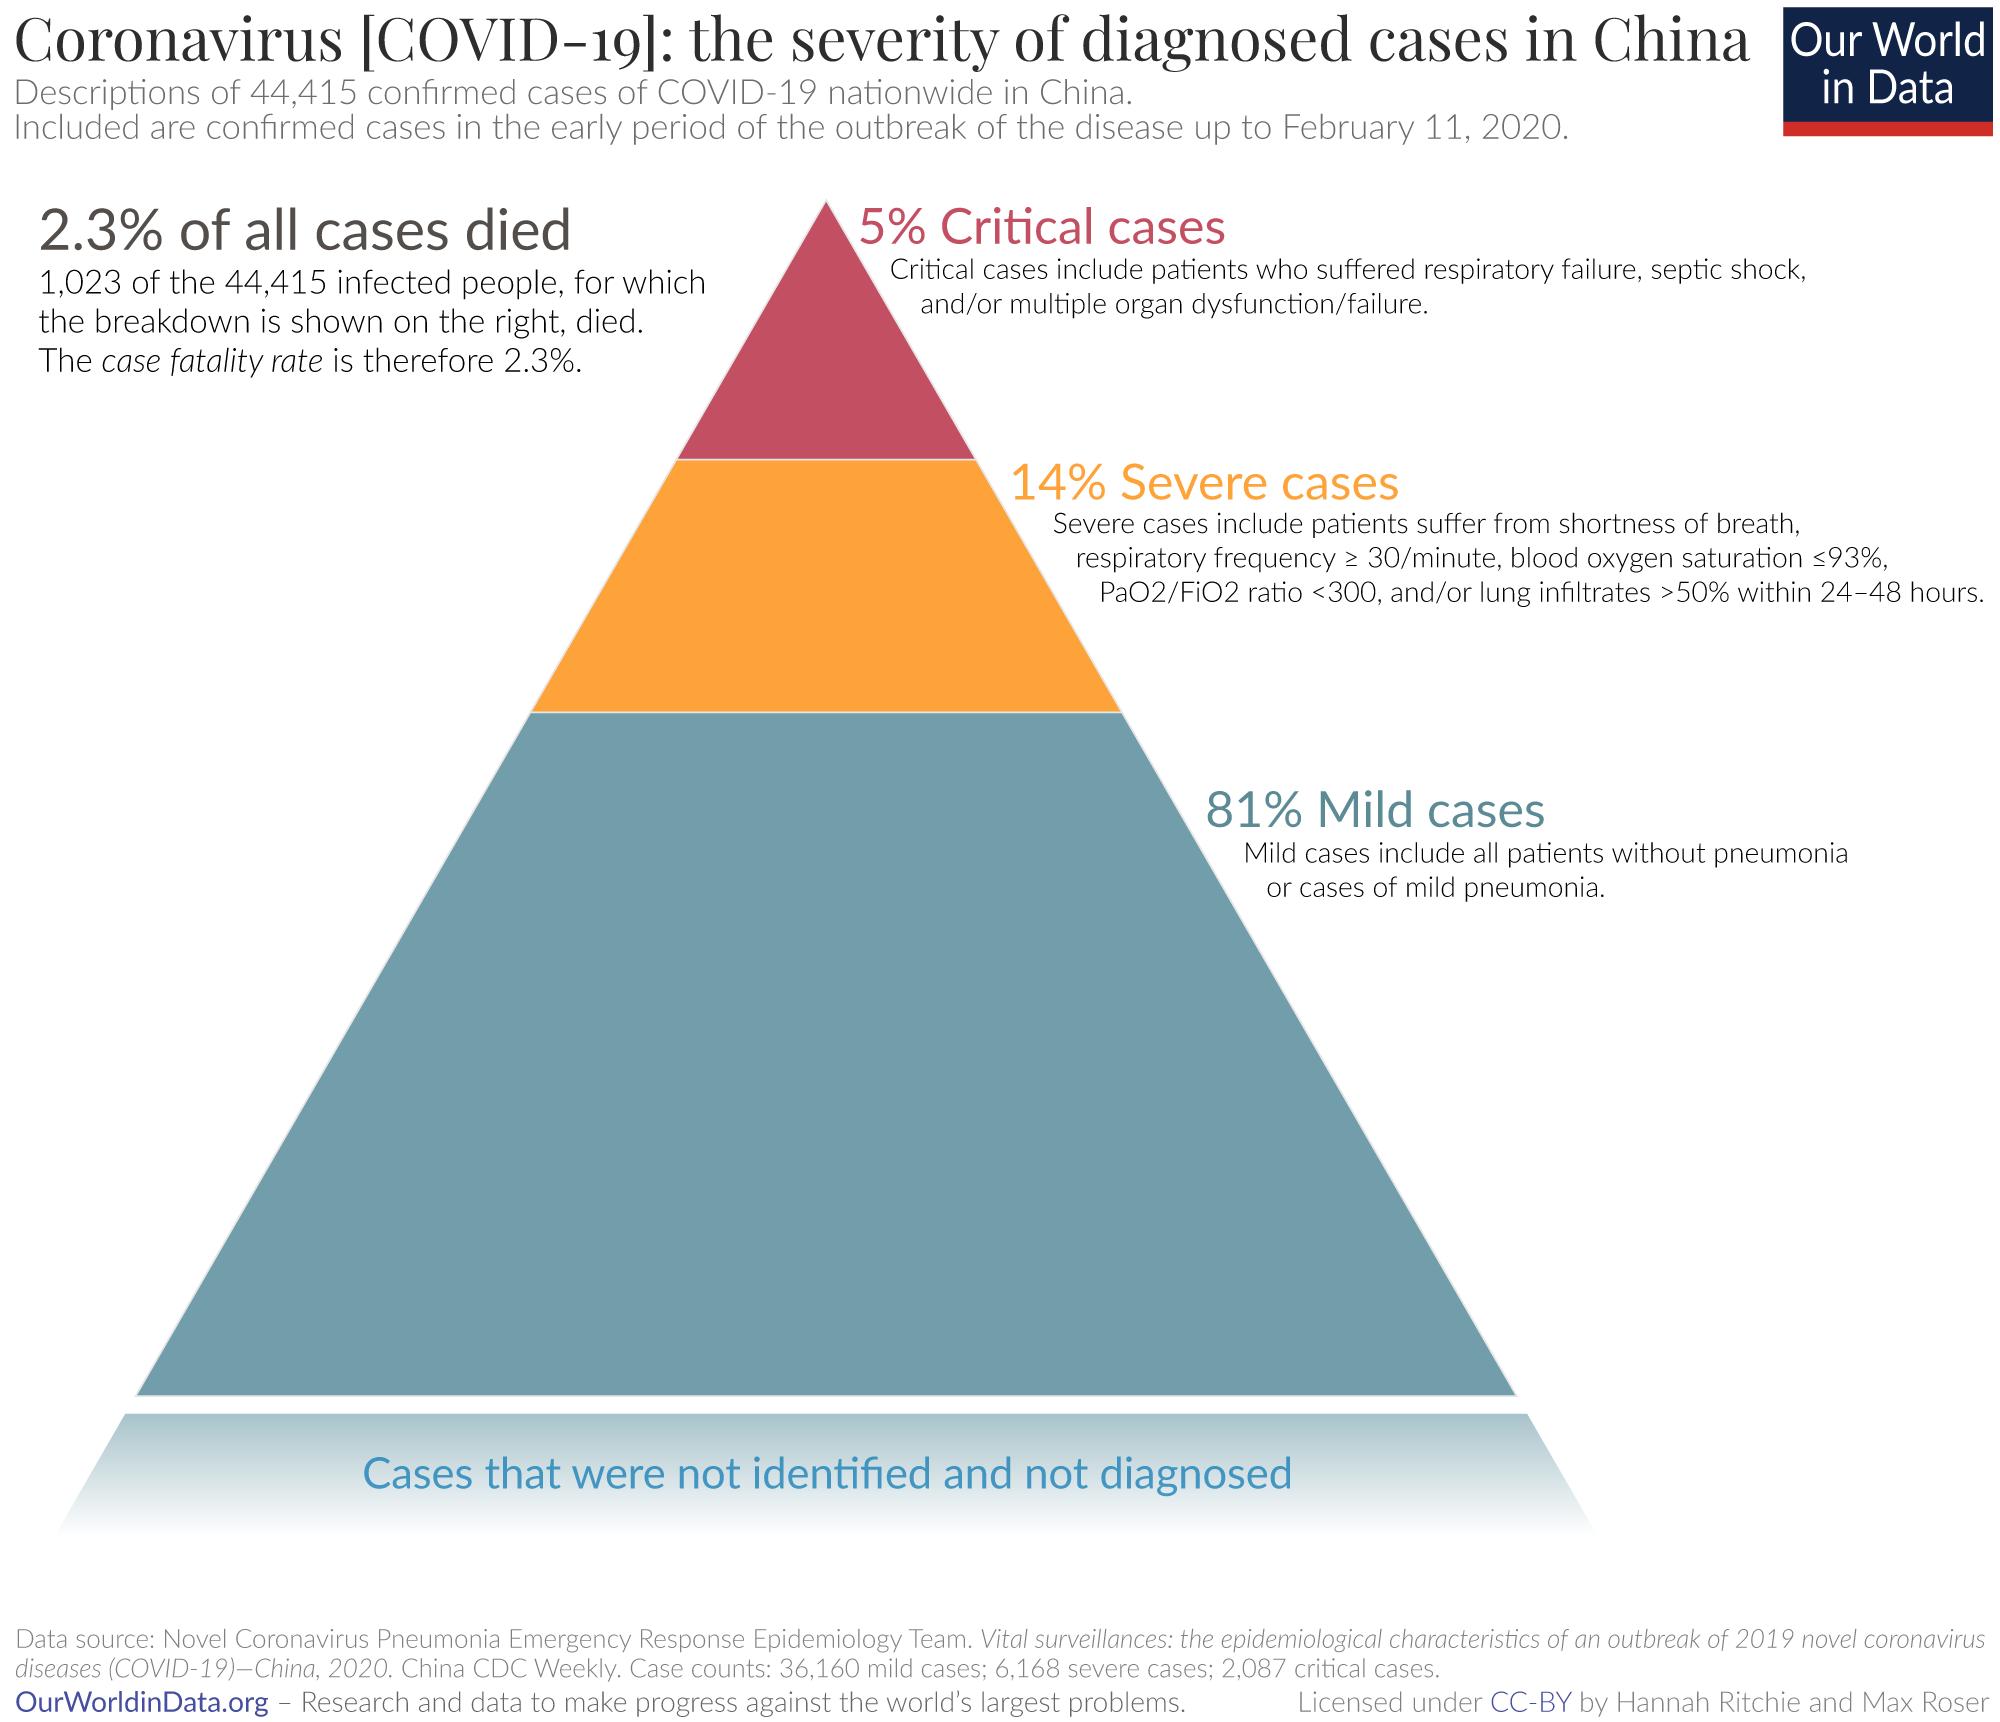 Severity of coronavirus cases in china 1